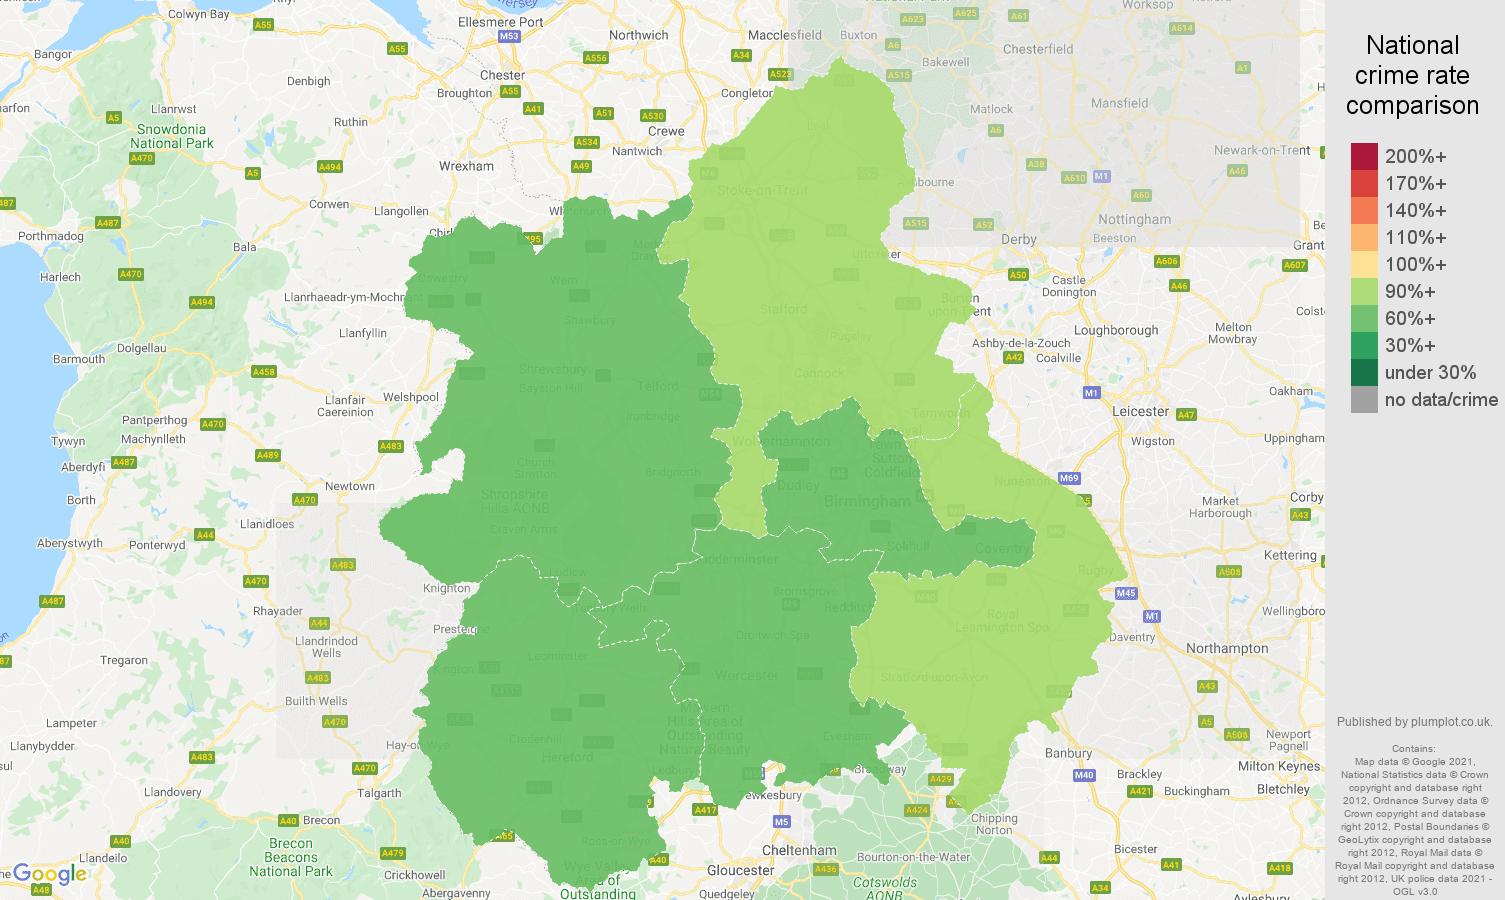 West Midlands antisocial behaviour crime rate comparison map